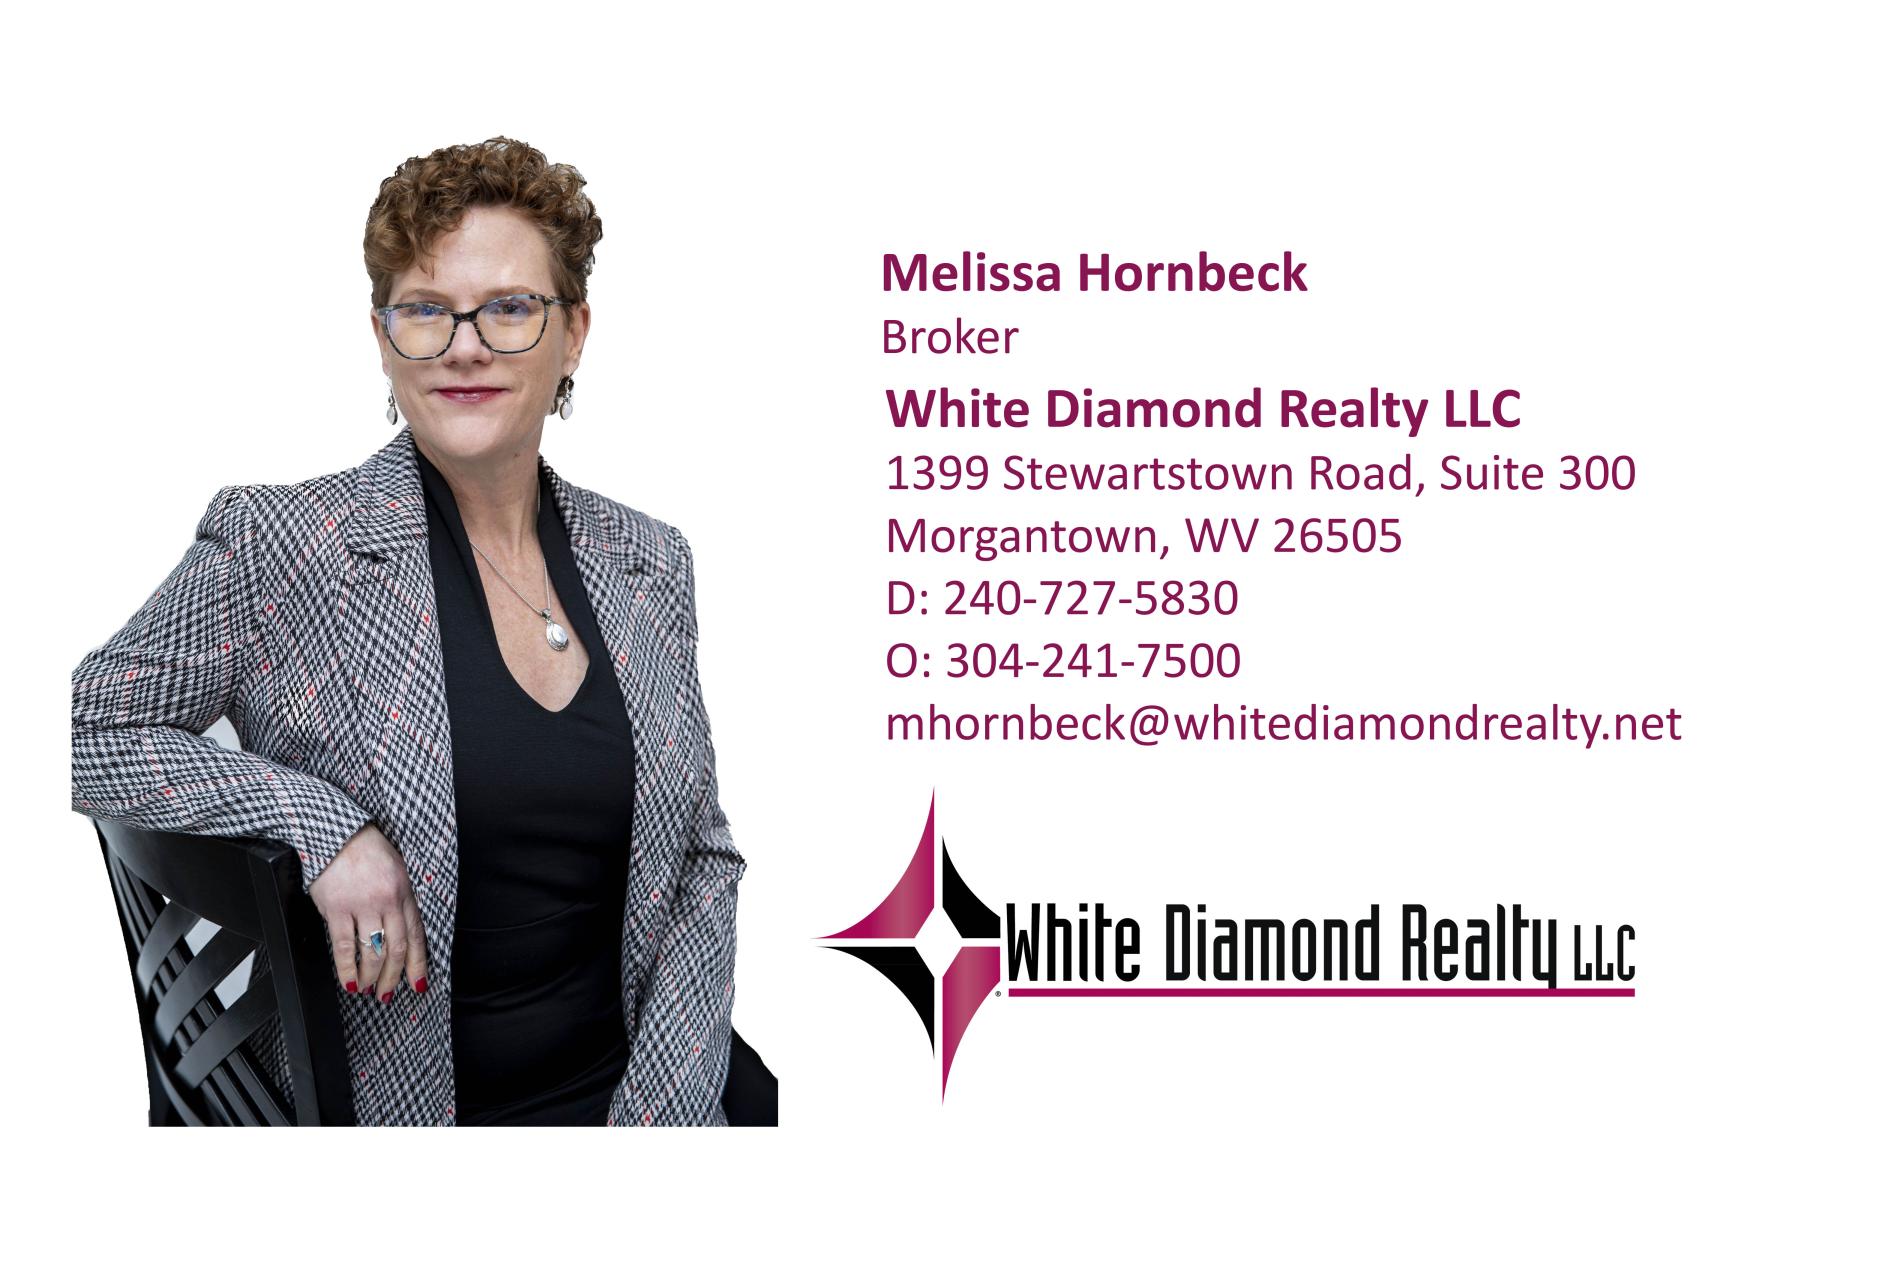 White Diamond Realty